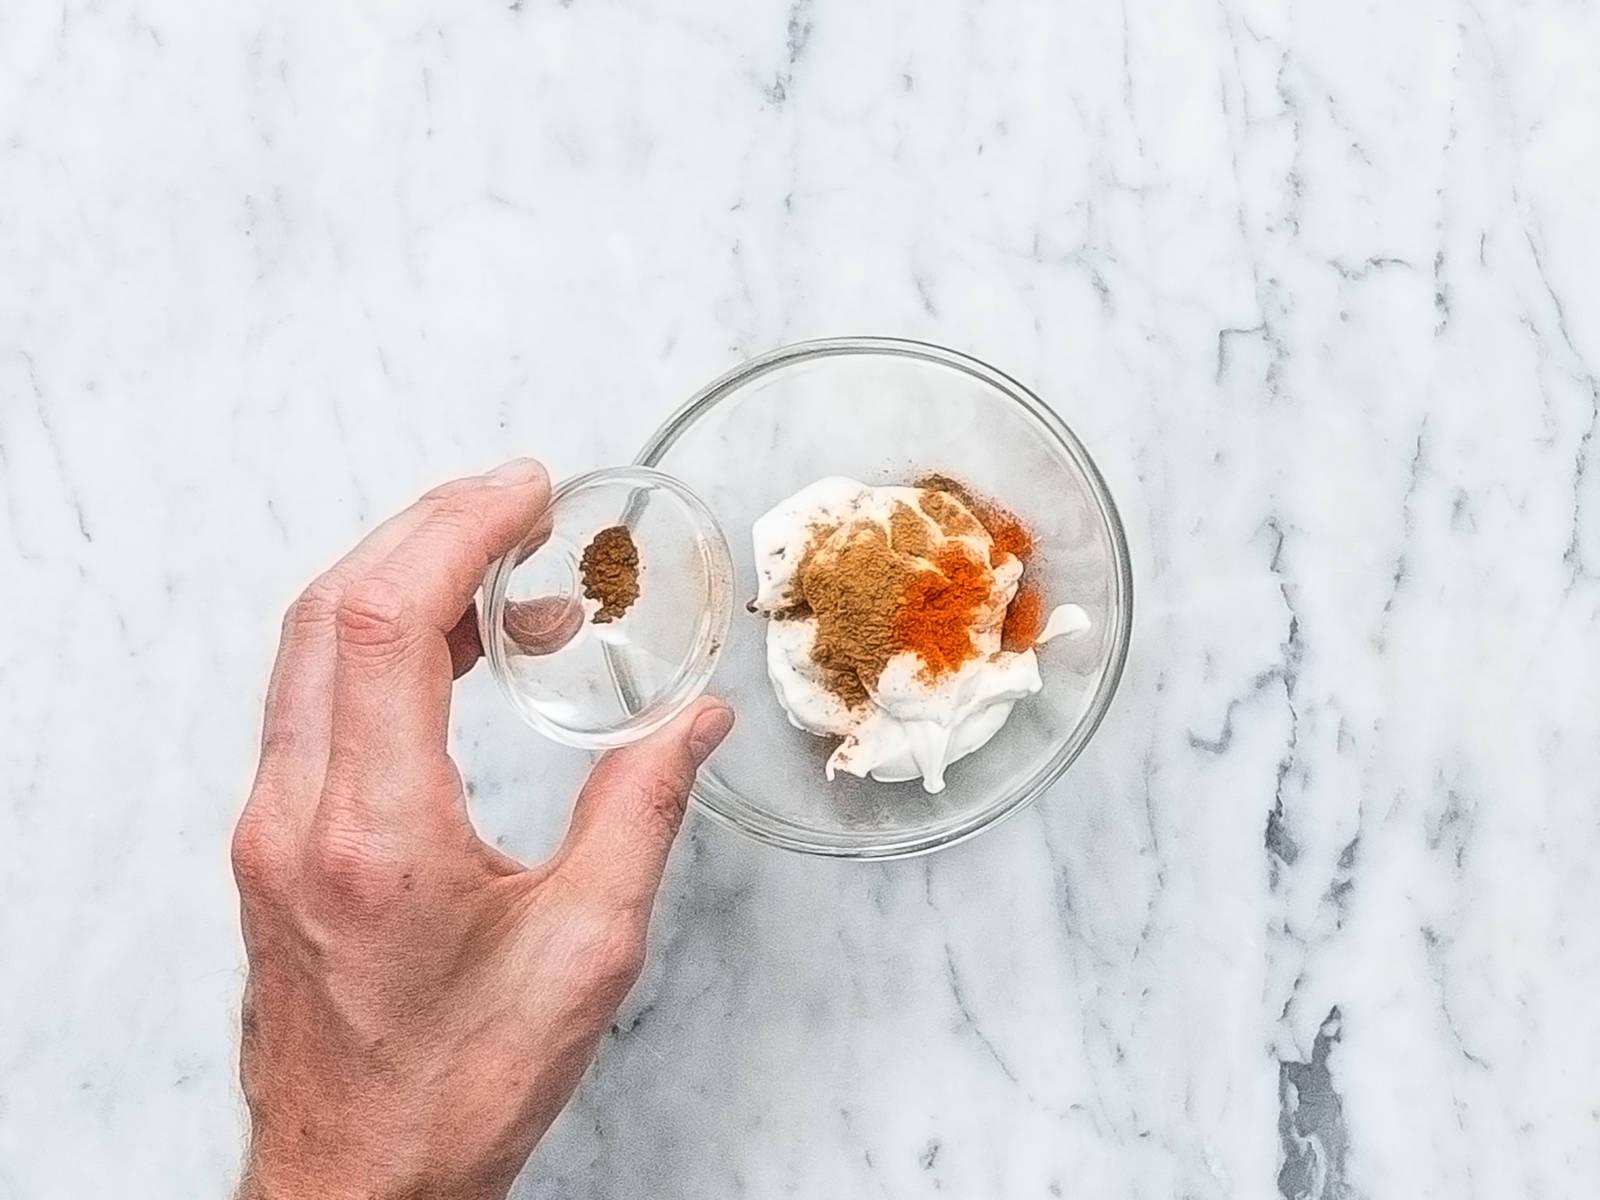 Vegane Mayonnaise, Zimt und Chilipulver in eine kleine Schüssel geben und verrühren. Bis zum Servieren kühl stellen.